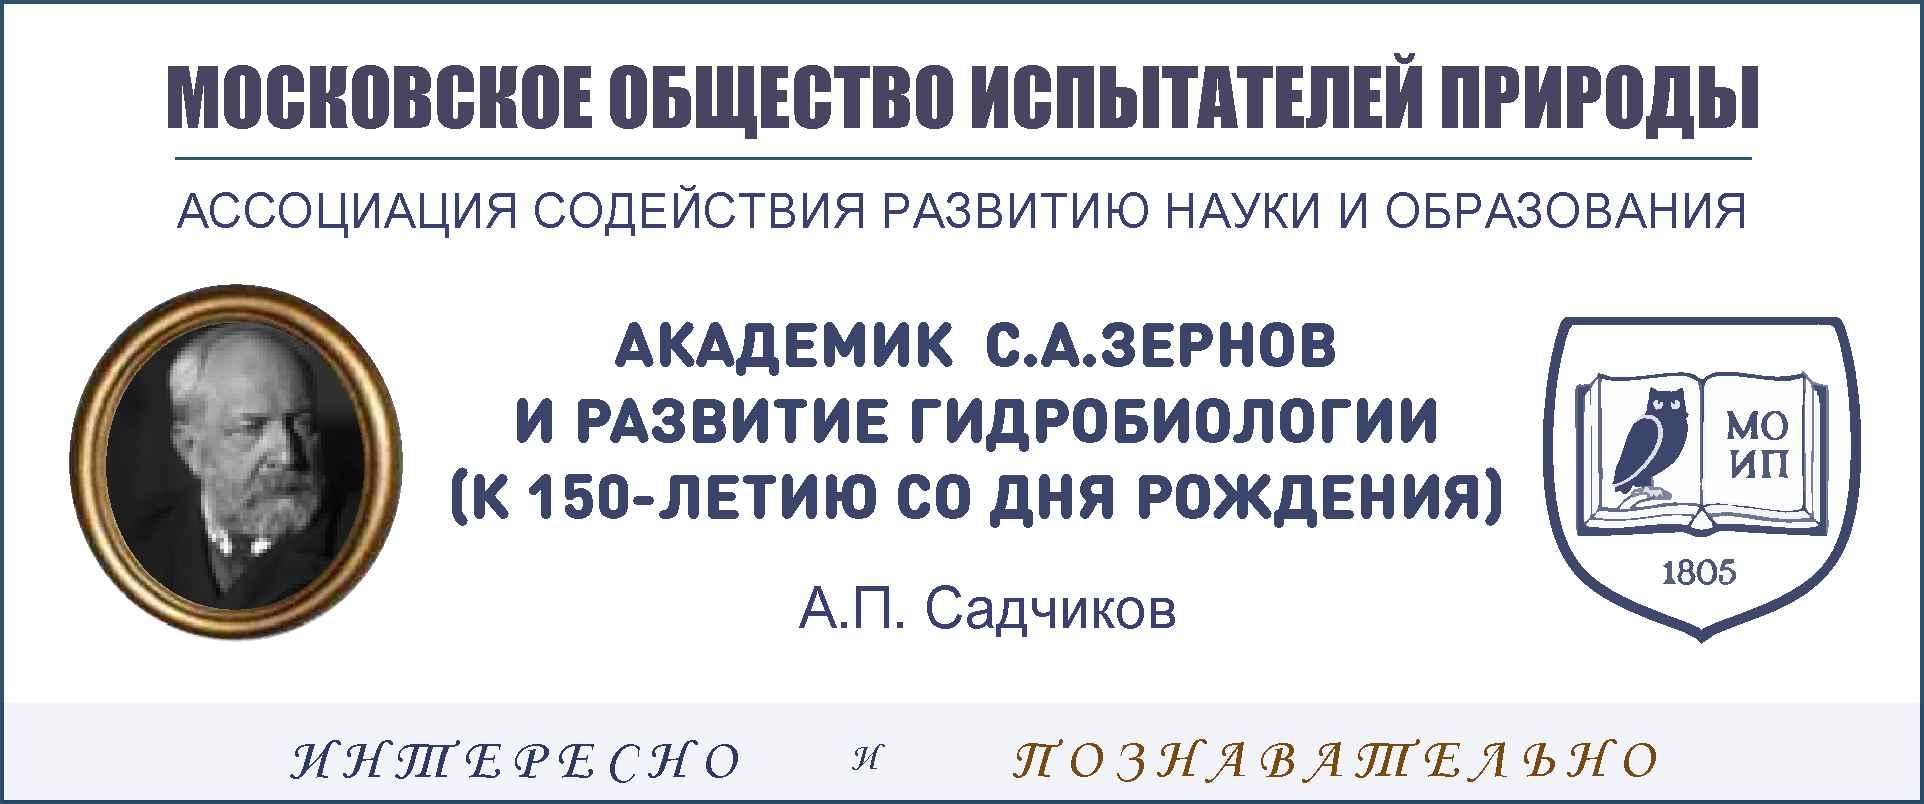 Академик  С.А.Зернов и развитие гидробиологии (к 150-летию со дня рождения)